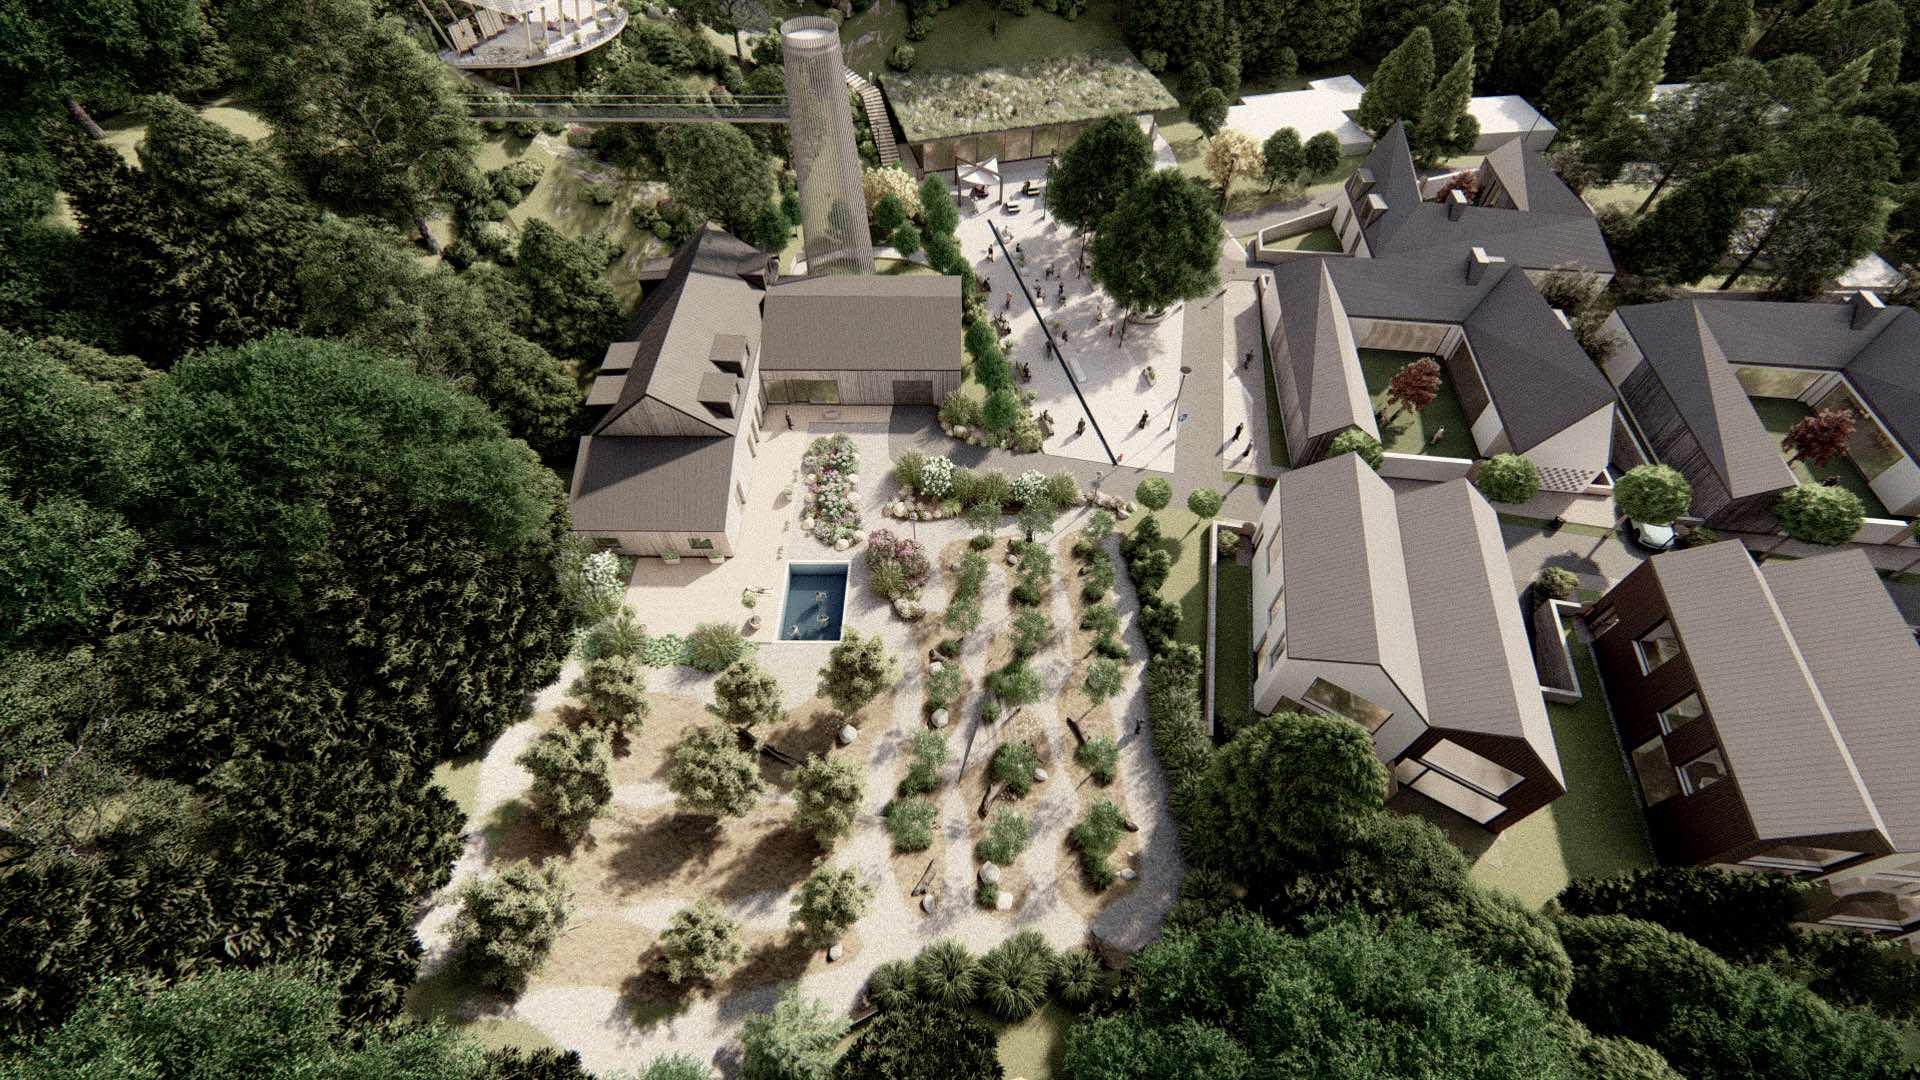 Rezidence Jenerálka KKCG - vizualizace domu správce - ptačí pohled. Autor: Kurz architekti